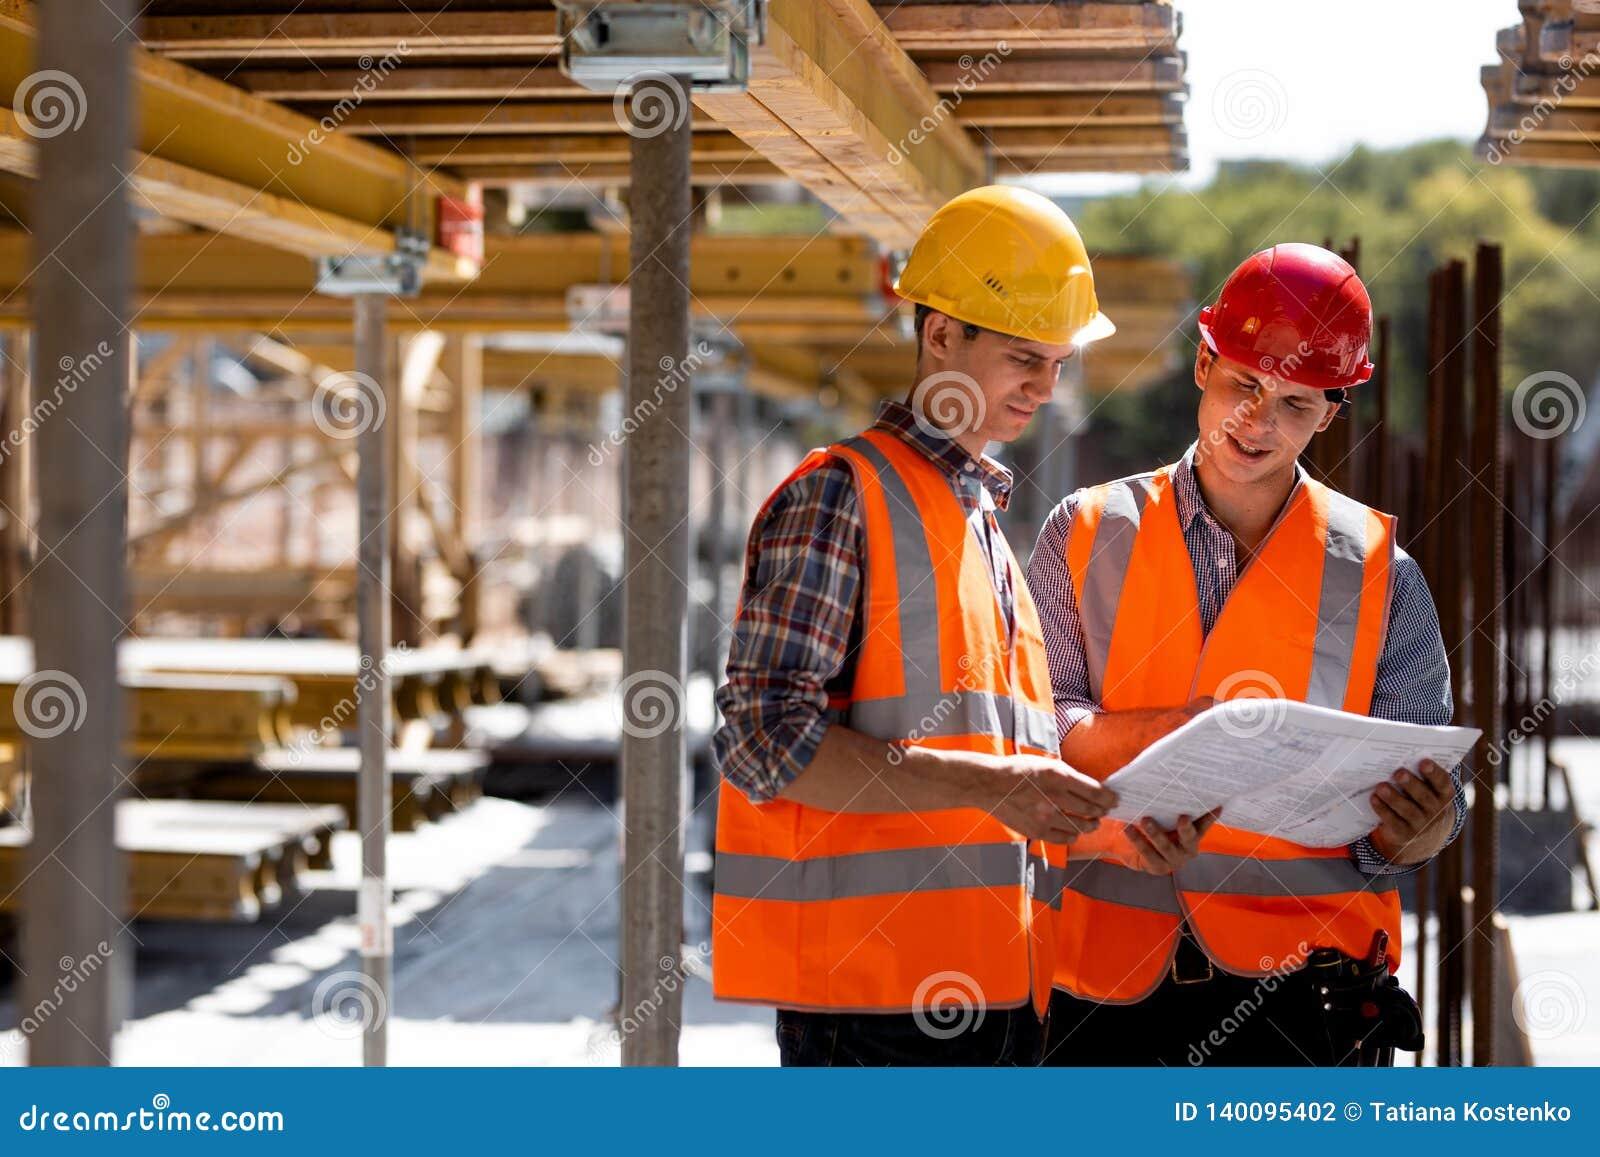 Δύο πολιτικοί μηχανικοί που ντύνονται στις πορτοκαλιά φανέλλες και τα κράνη εργασίας εξερευνούν την τεκμηρίωση κατασκευής στο εργ